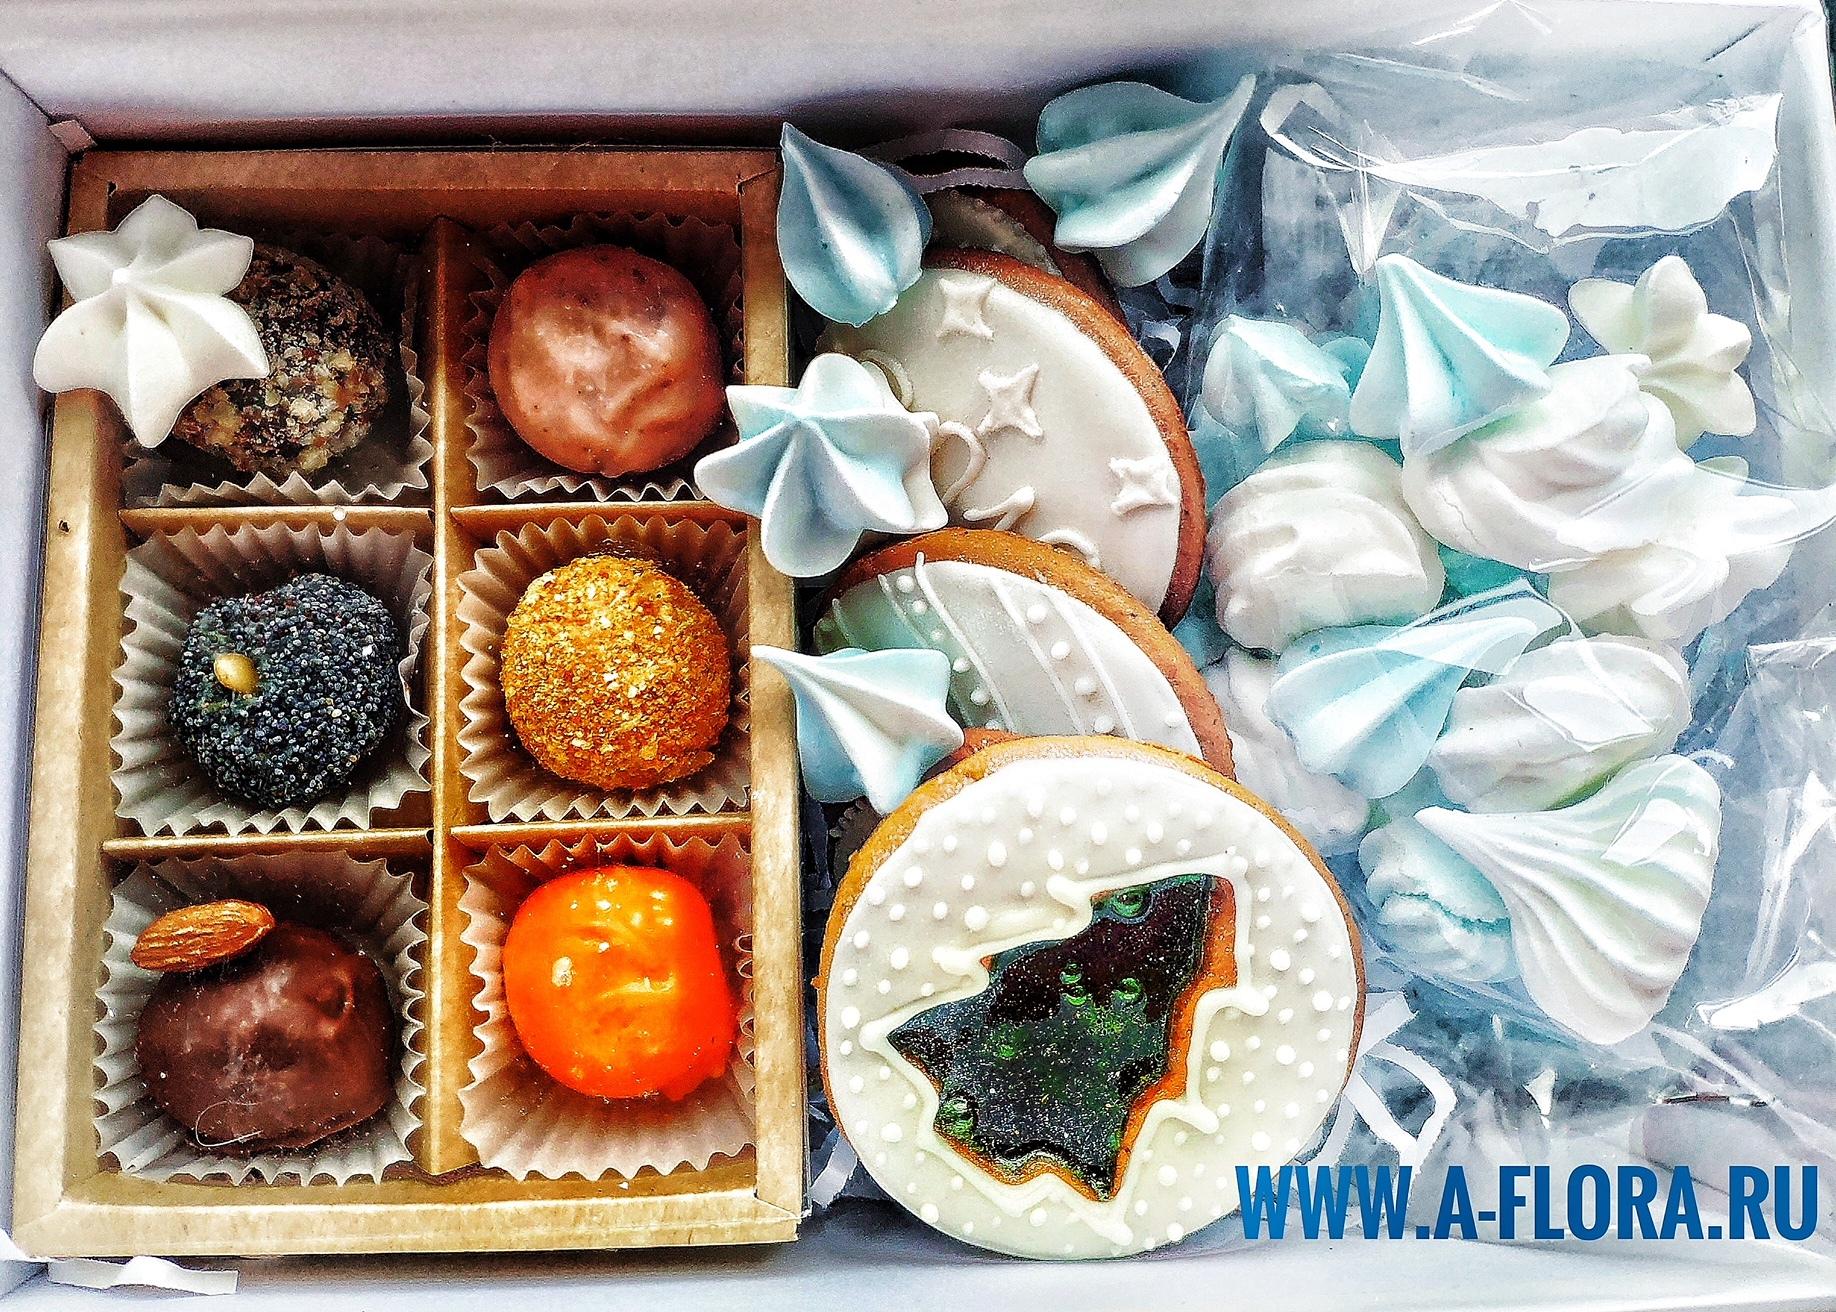 Фотография Набор из сырных конфет с медовыми печеньями купить в магазине Афлора